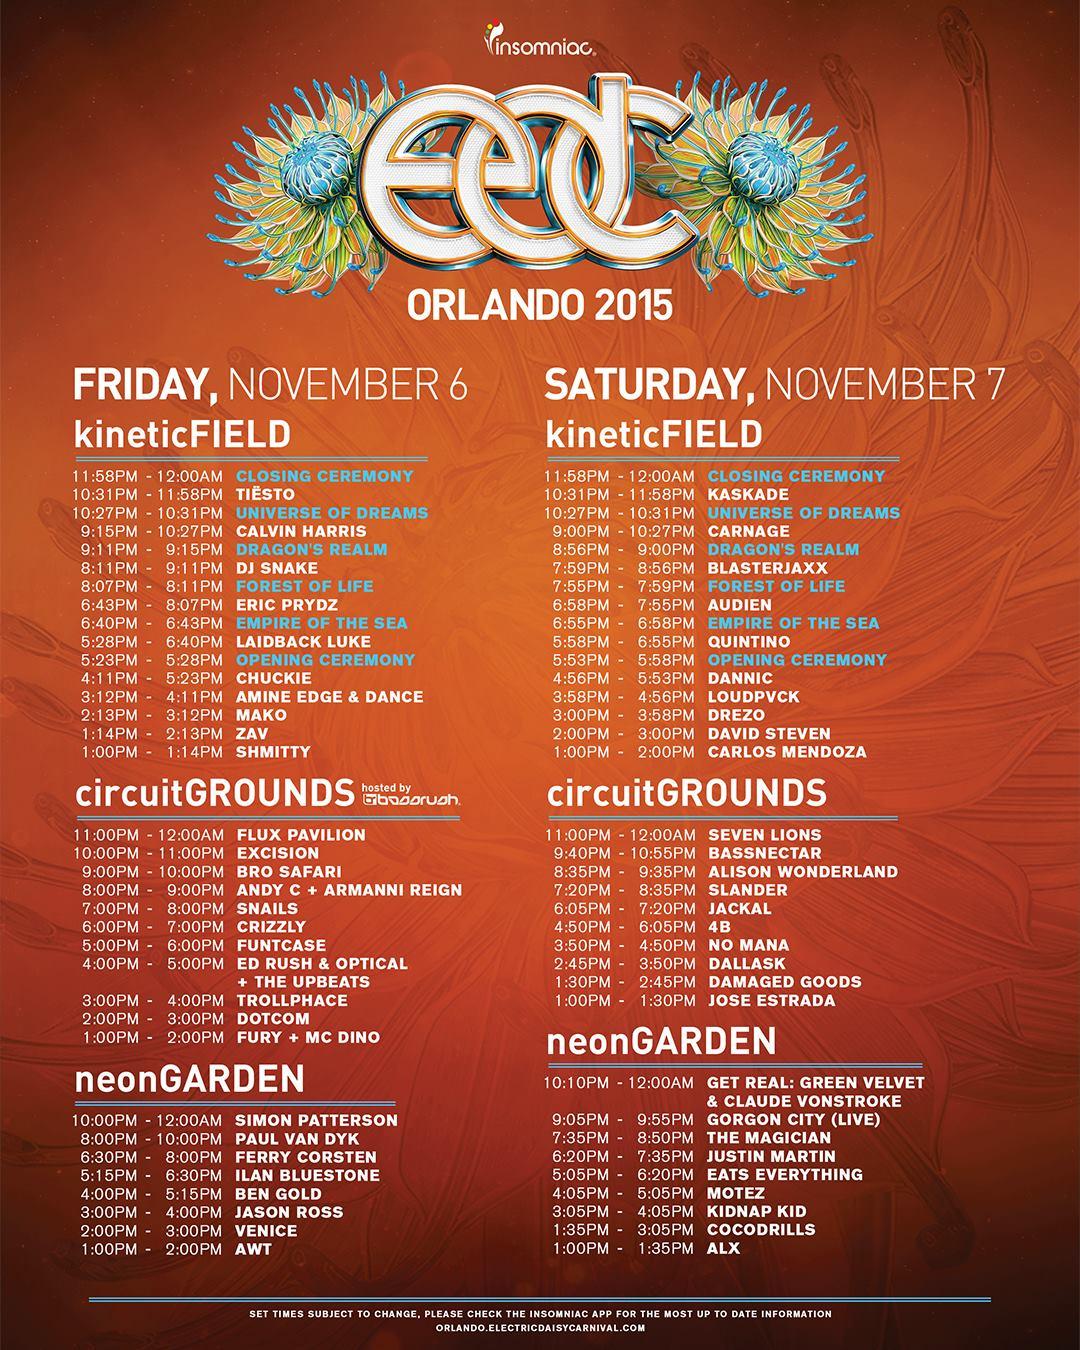 EDC Orlando 2015 Timetable